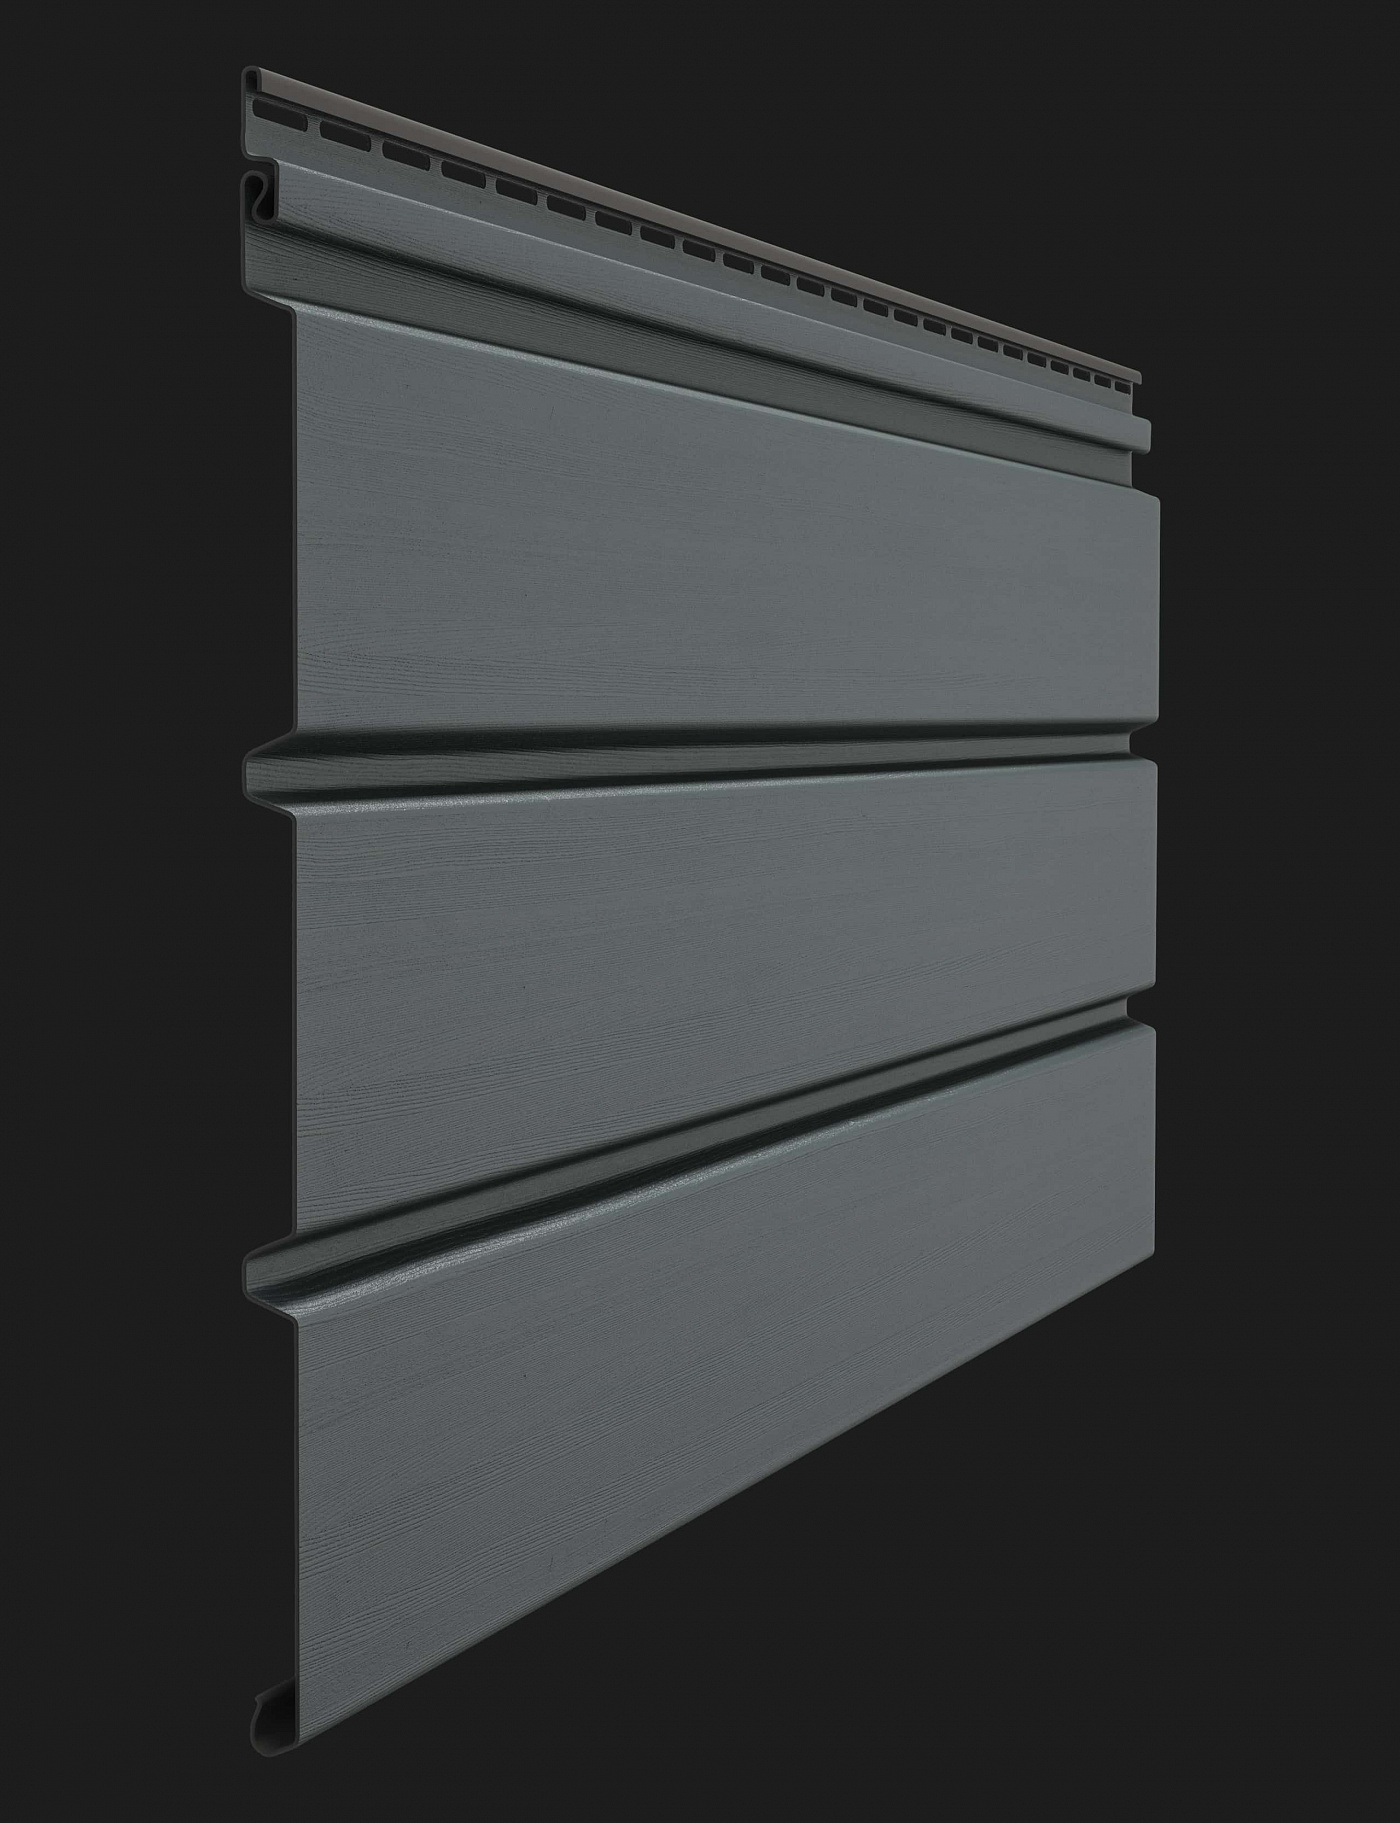 Софит виниловый Docke Premium T4 сплошной без перфорации 3000 мм Графит